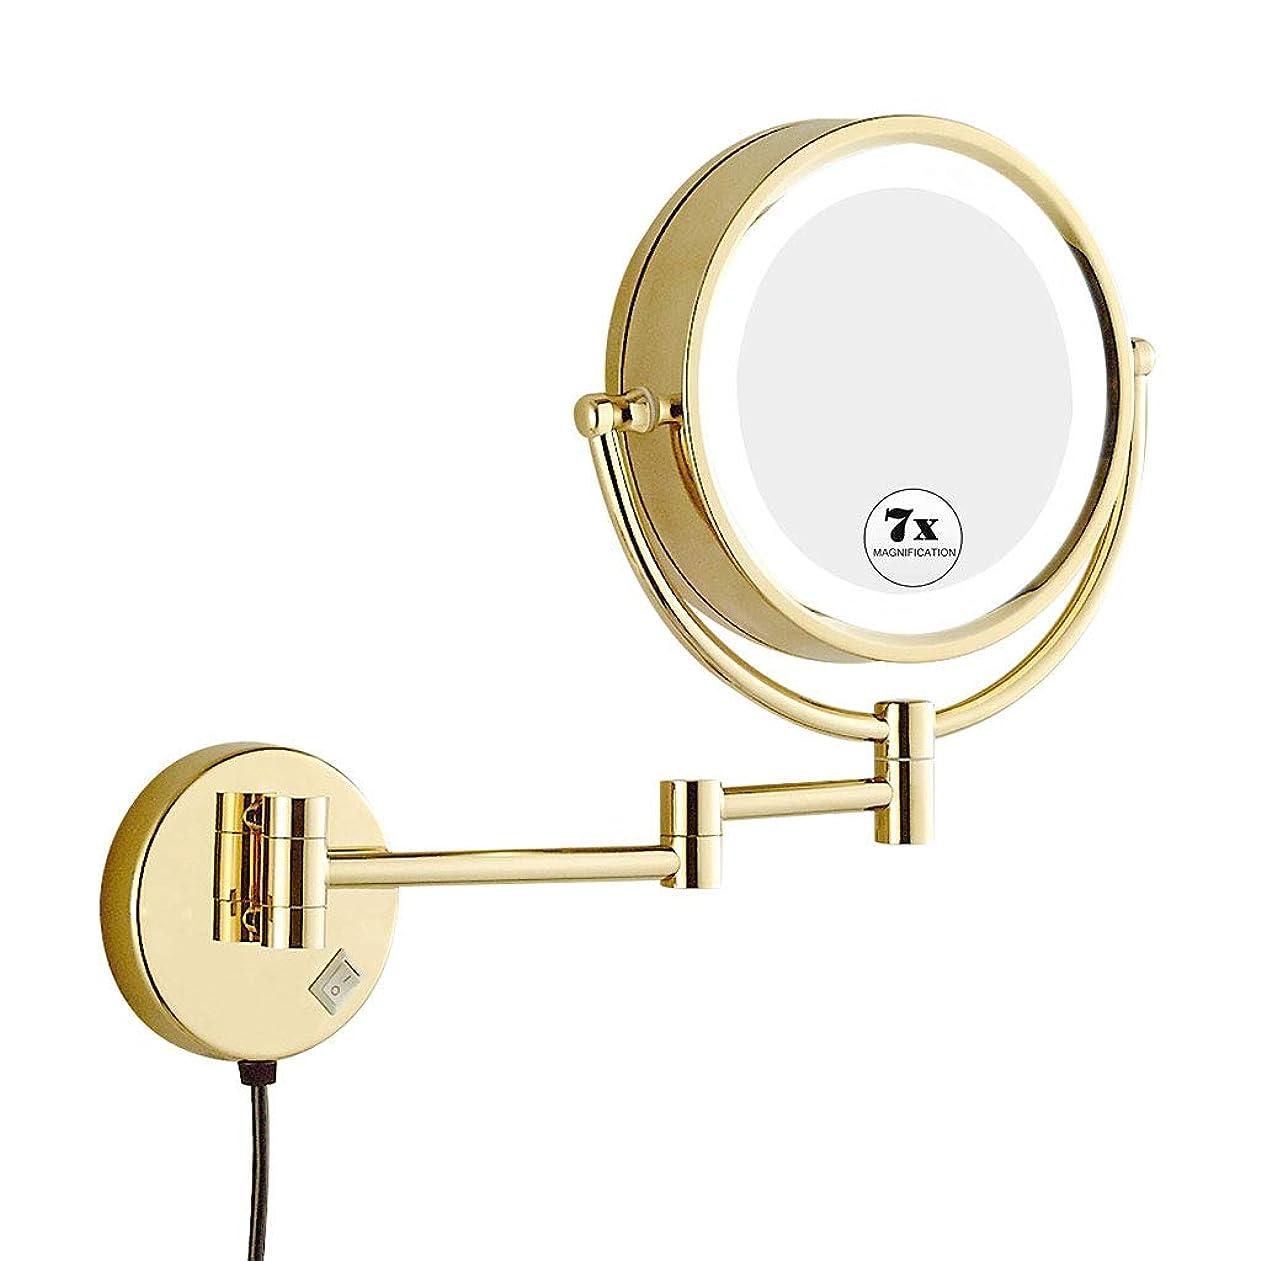 胃地域のあご壁掛け化粧鏡、LED 7倍拡大化粧鏡調節可能な高さ両面鏡用バスルームの寝室